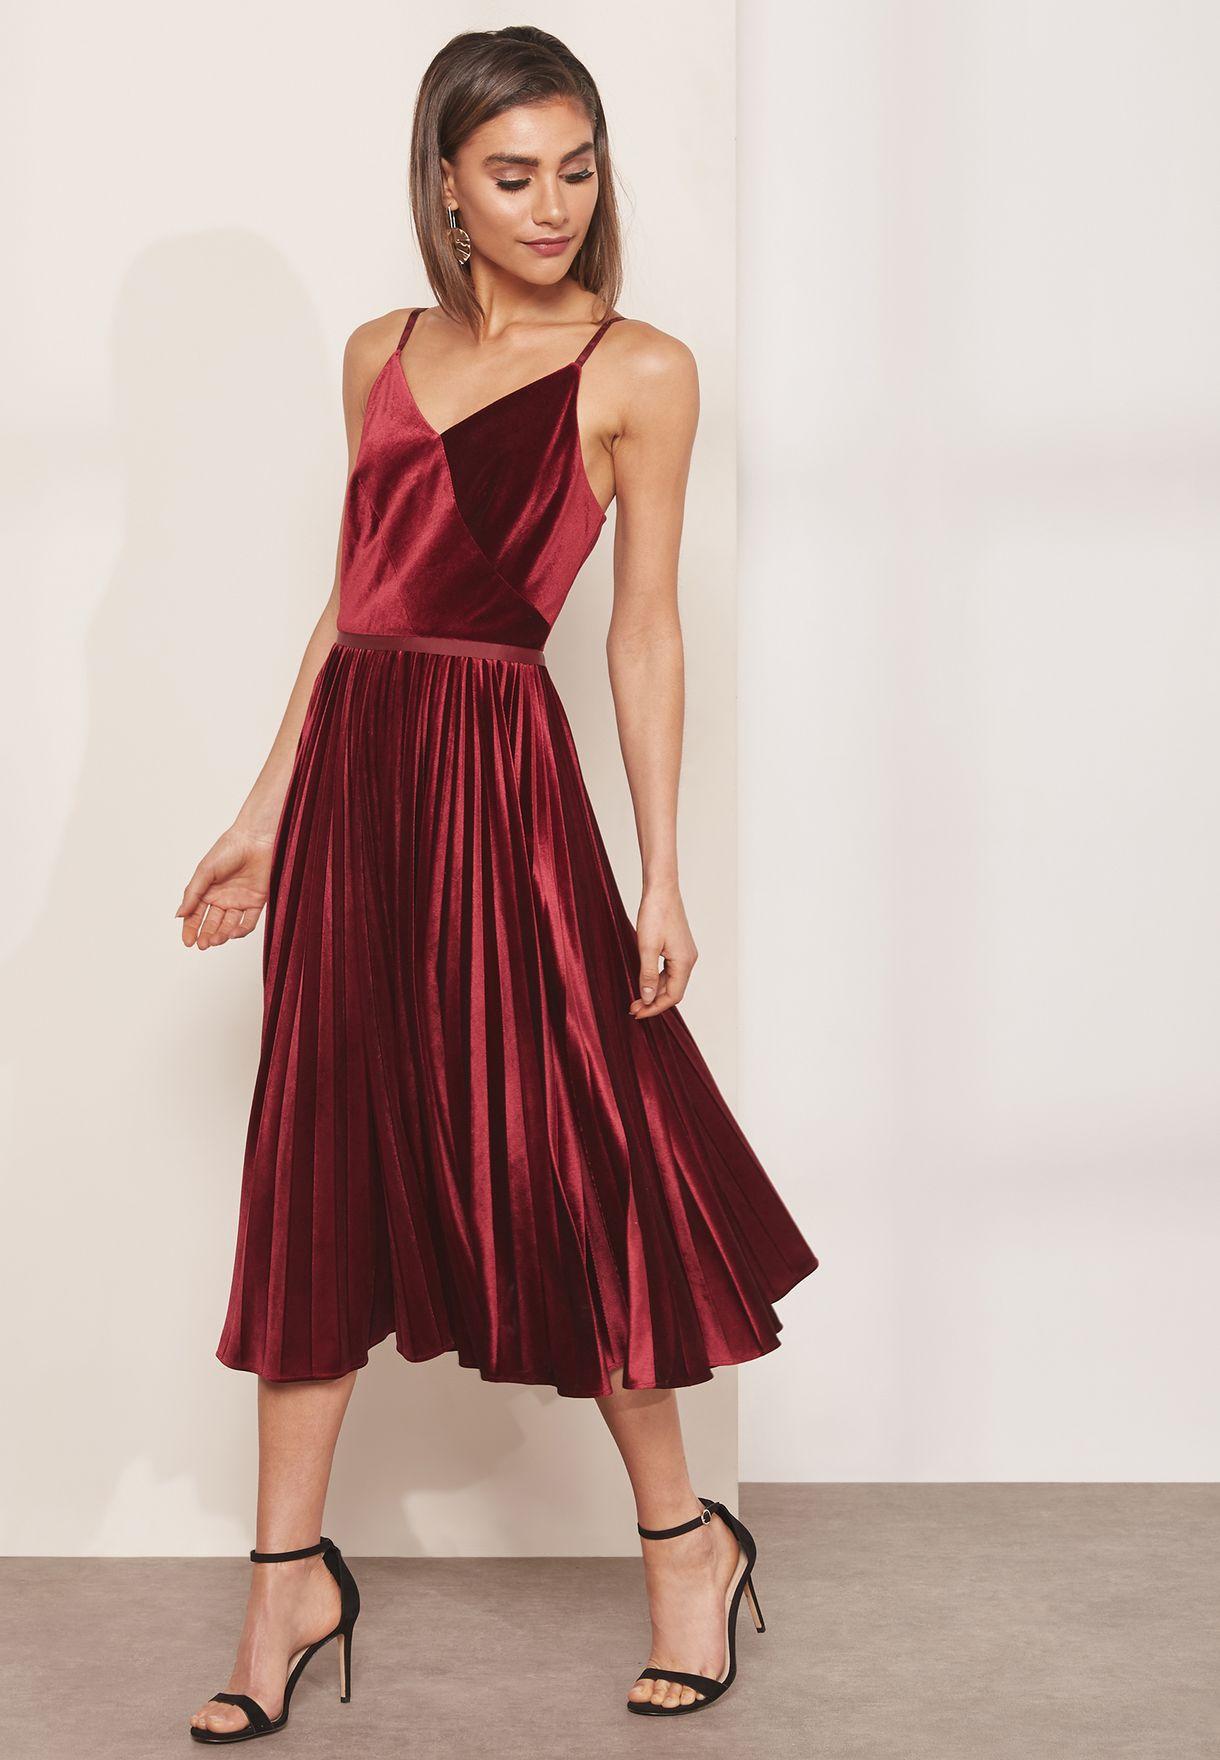 6e30f69efaebdf Shop Ted baker burgundy Khim Velvet Pleated Halter Neck Sleeveless ...